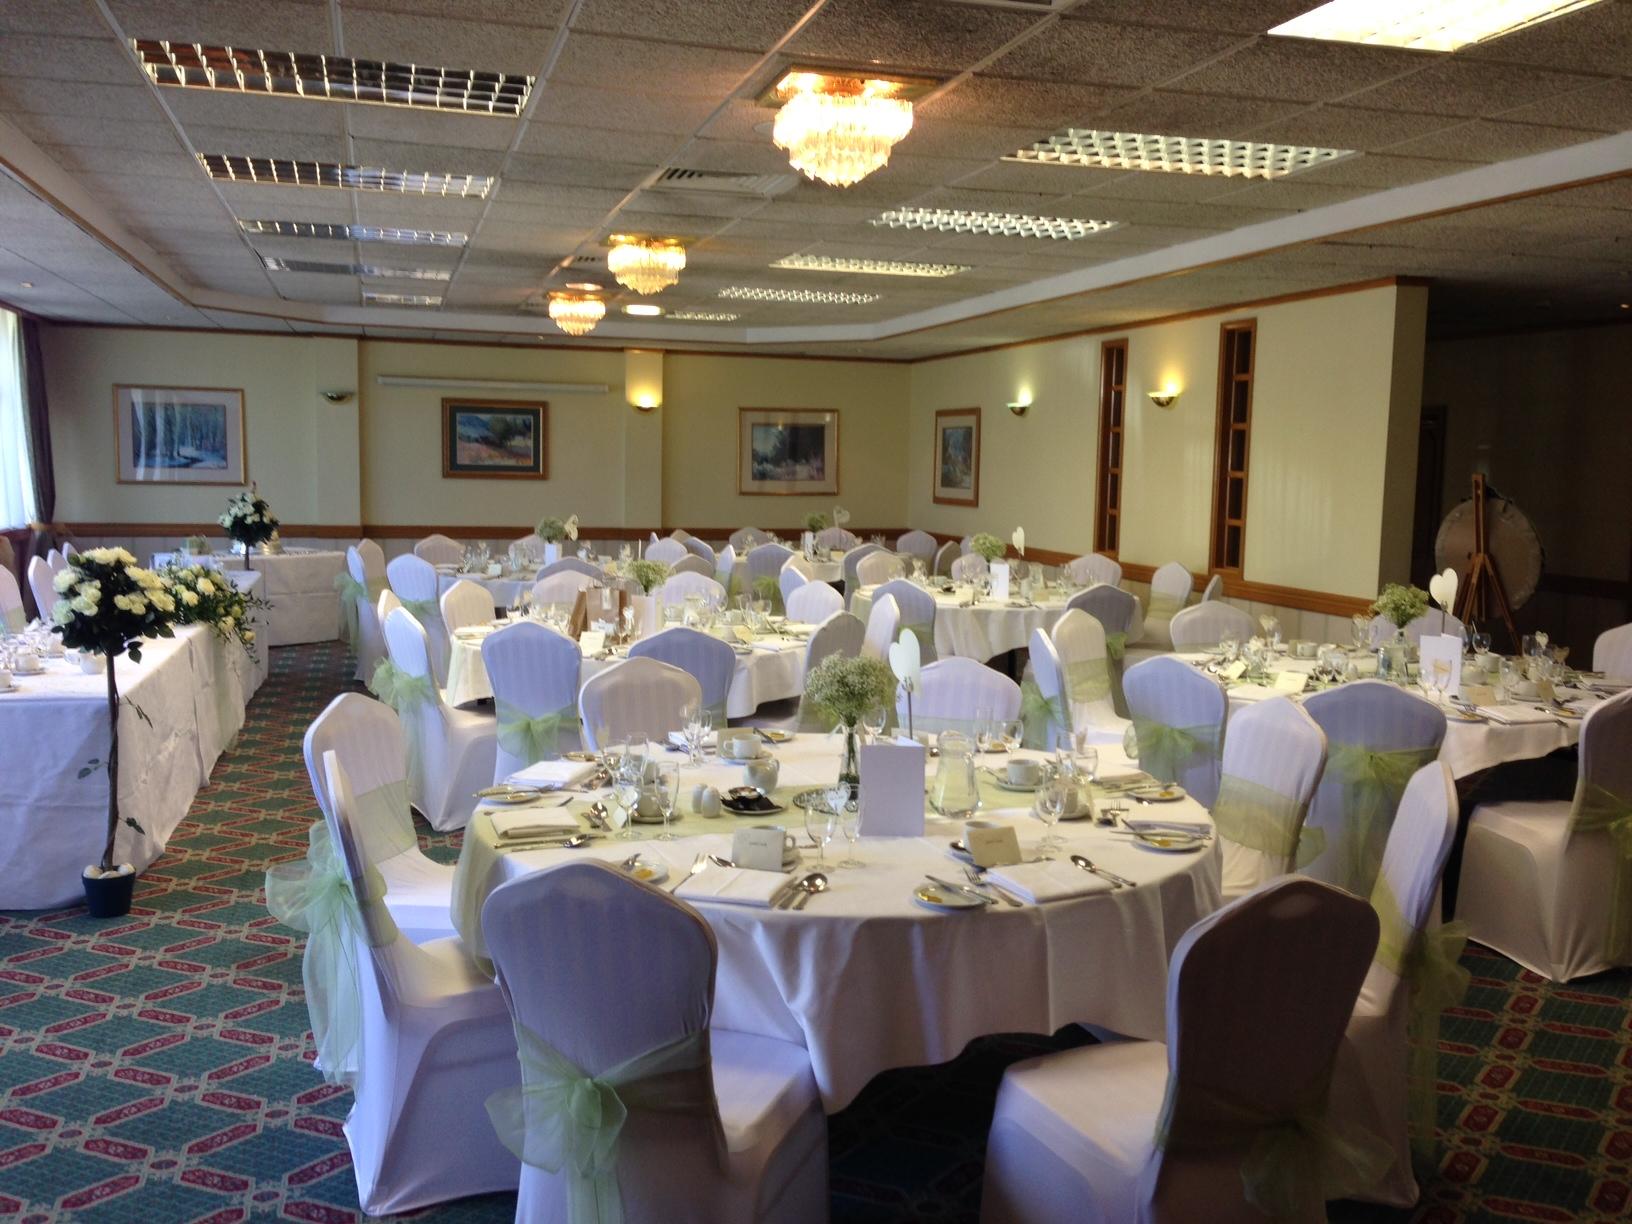 Wedding Reception Venues North East : Britannia hotel newcastle airport wedding venues north east